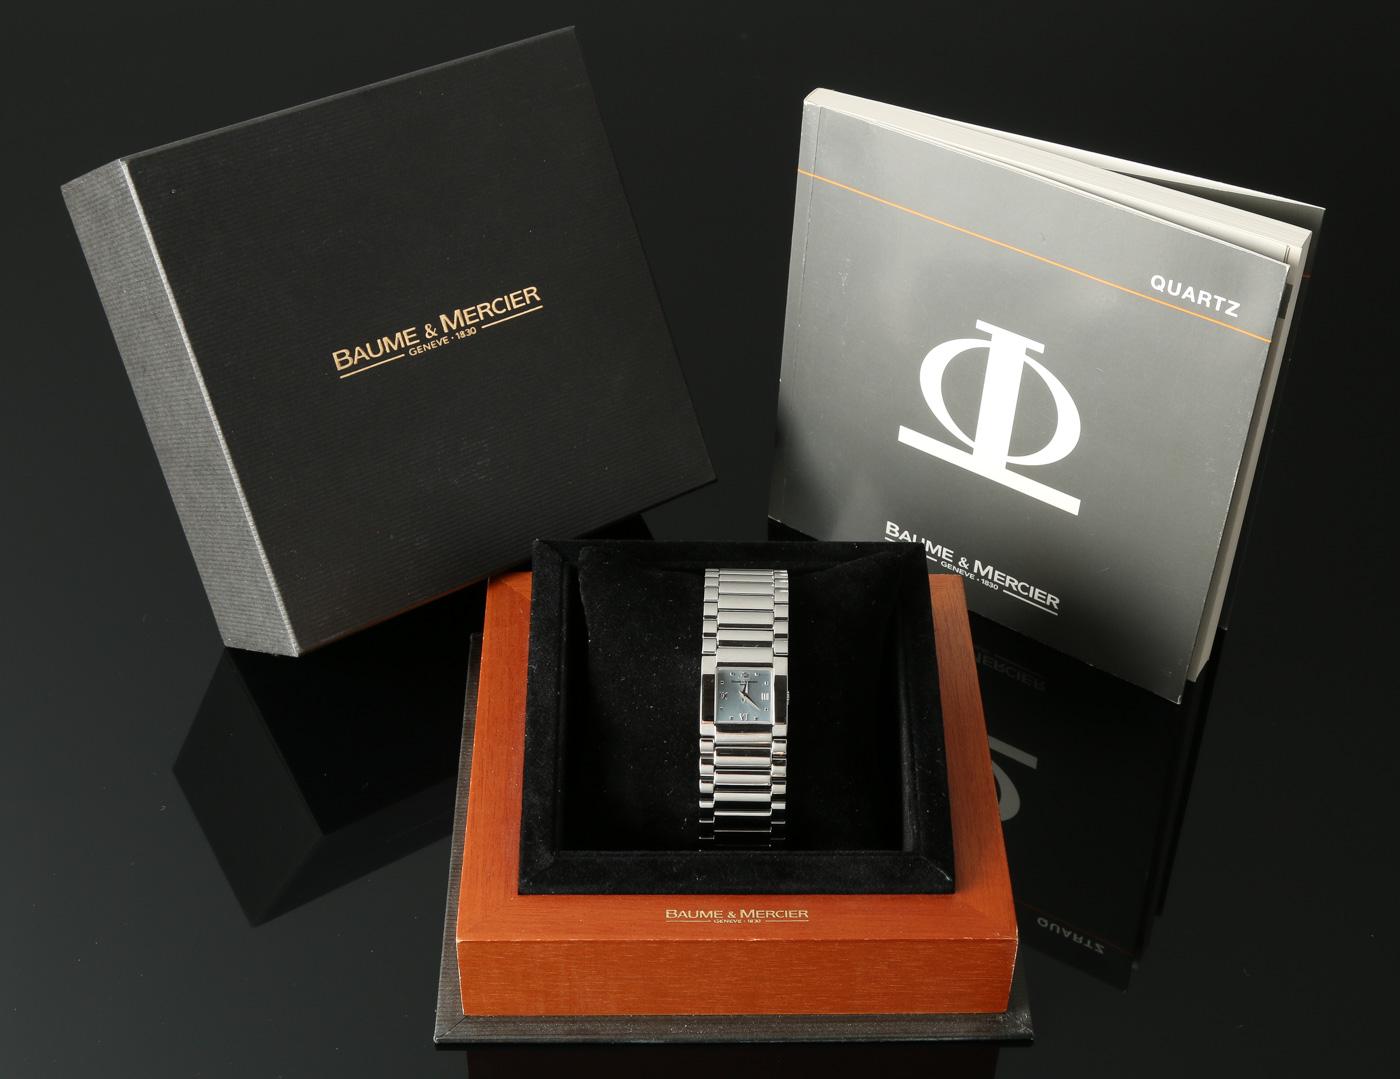 Baume & Mercier, damearmbåndsur med diamanter - Baume & Mercier, ref. MV045219, damearmbåndsur i urkasse af stål med lys skive med logo, timemarkeringer, to visere. Uret har schweizisk quartzværk, integreret lænke i stål med foldespænde. Bredde: 22 mm (ekskl. krone). Bagkasse stemplet...